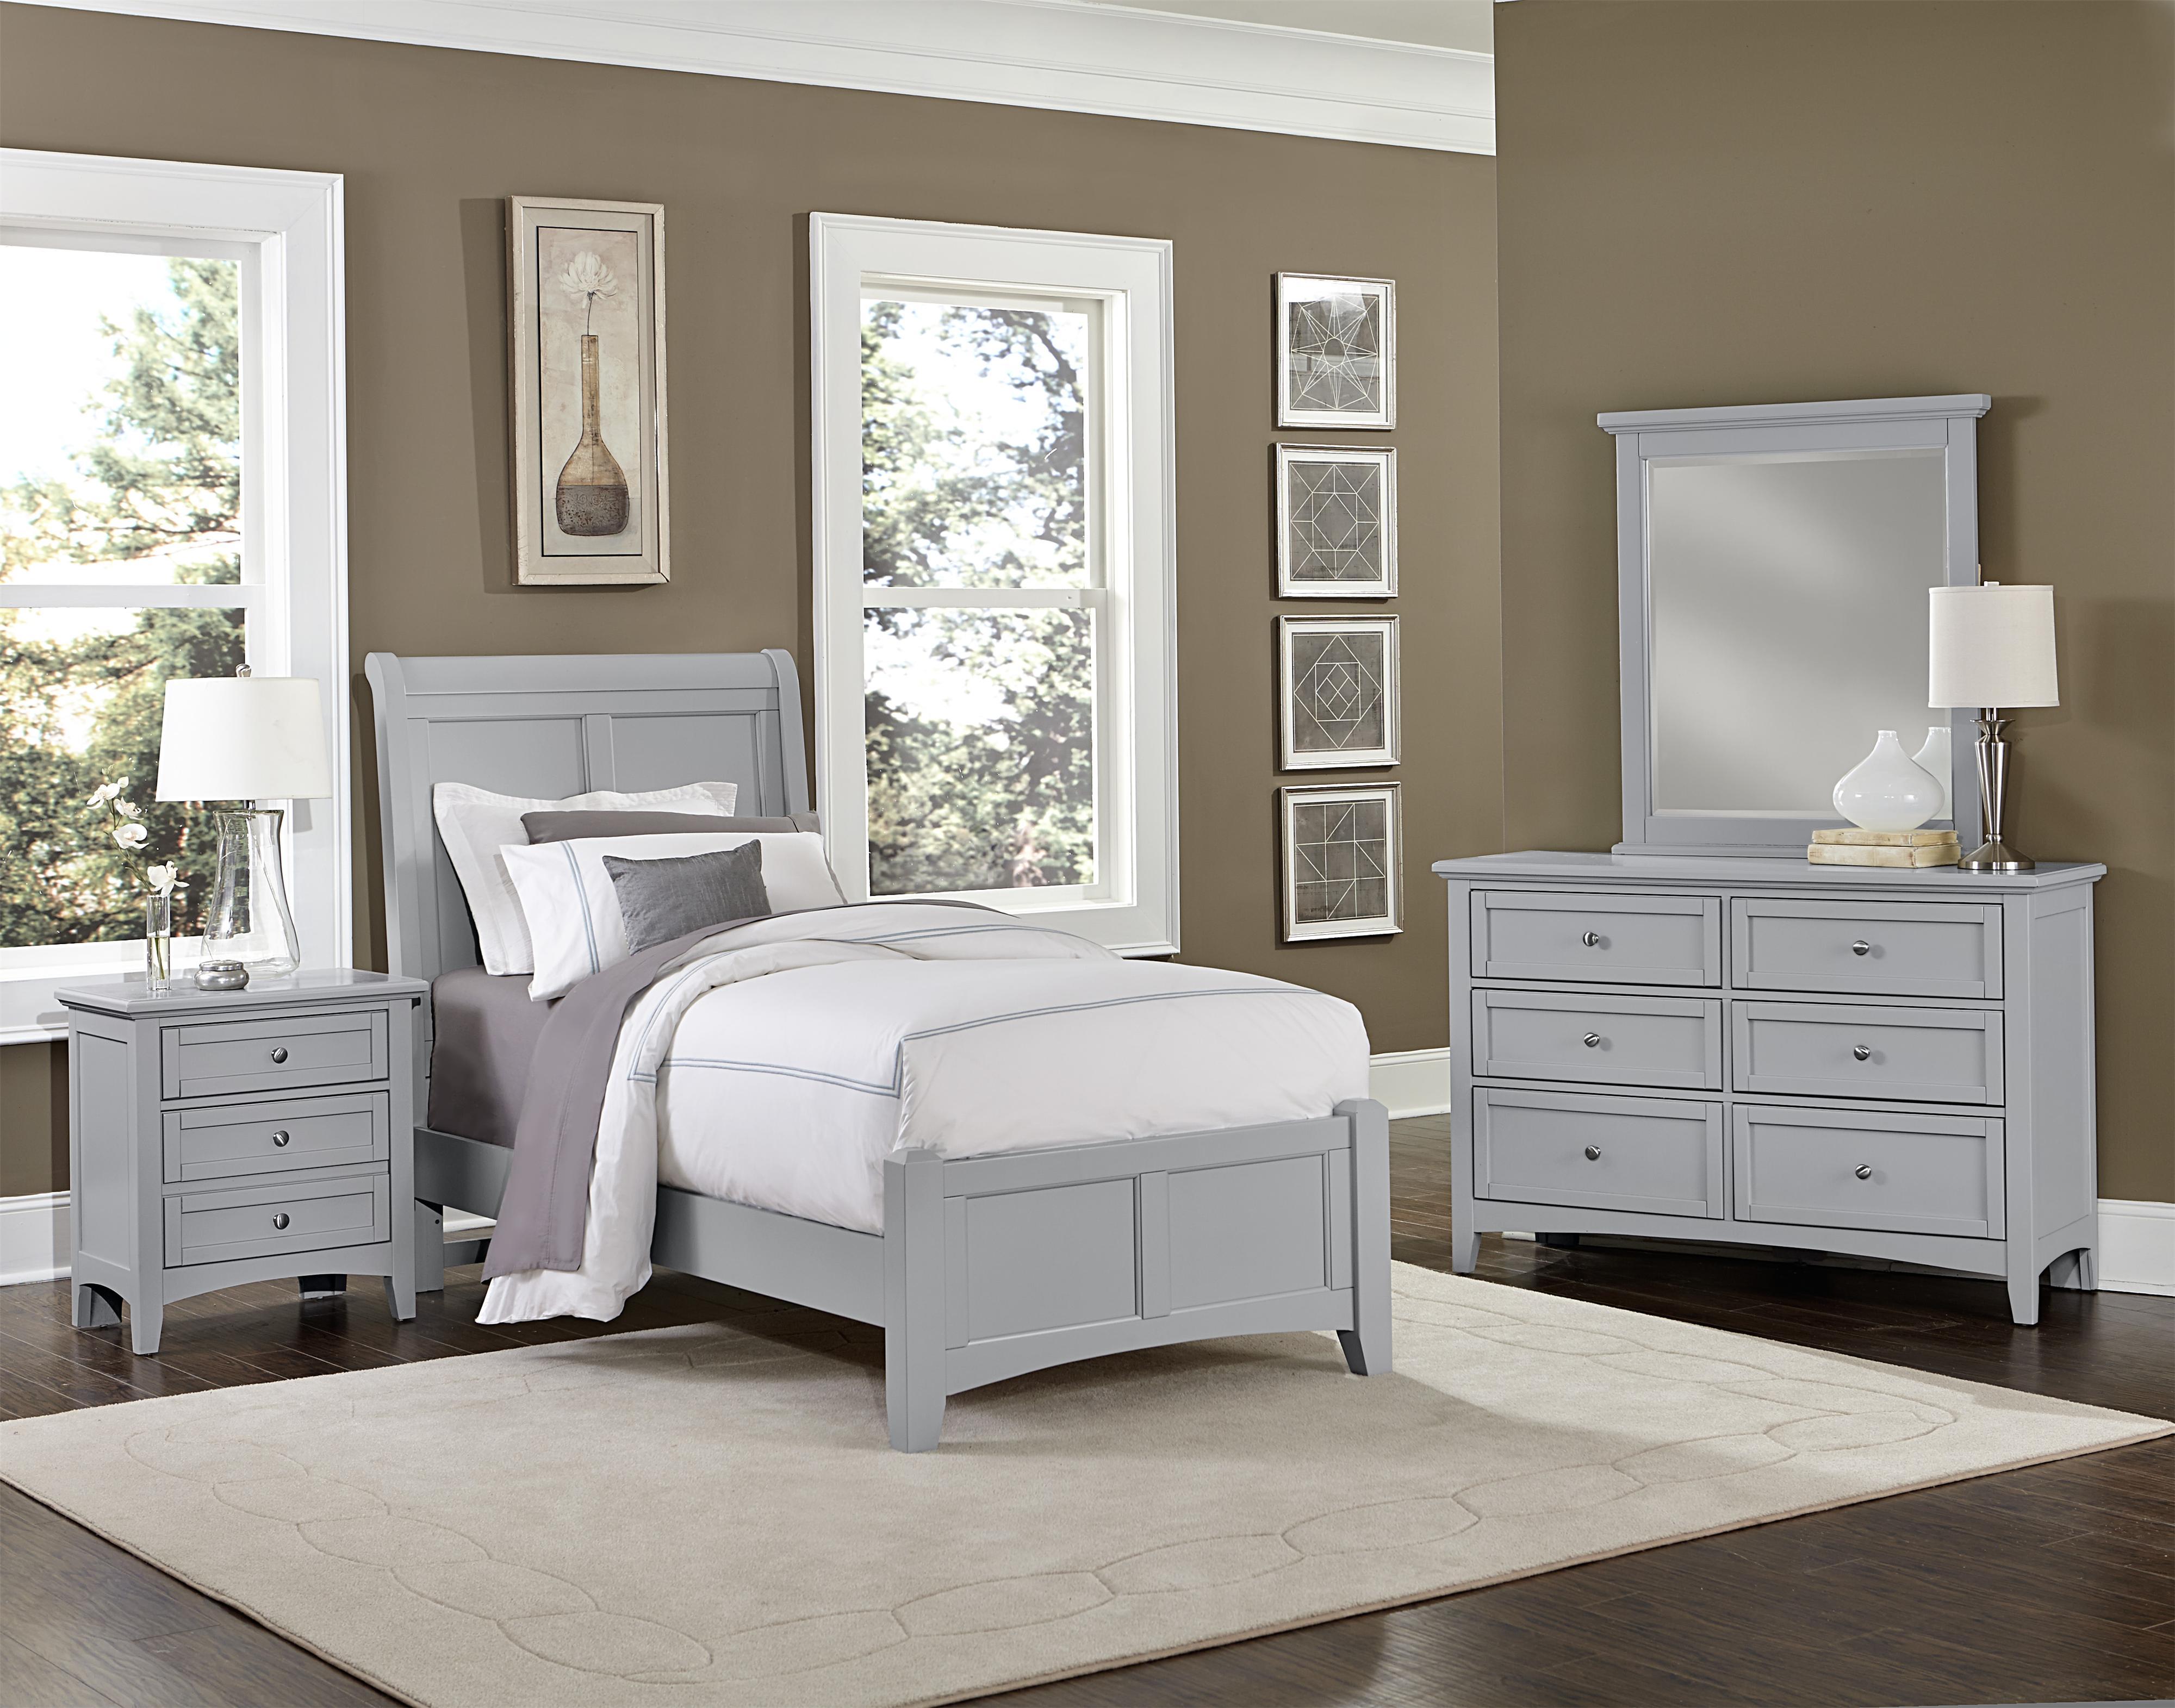 Vaughan Bassett Bonanza Twin Bedroom Group - Item Number: BB26 T Bedroom Group 2